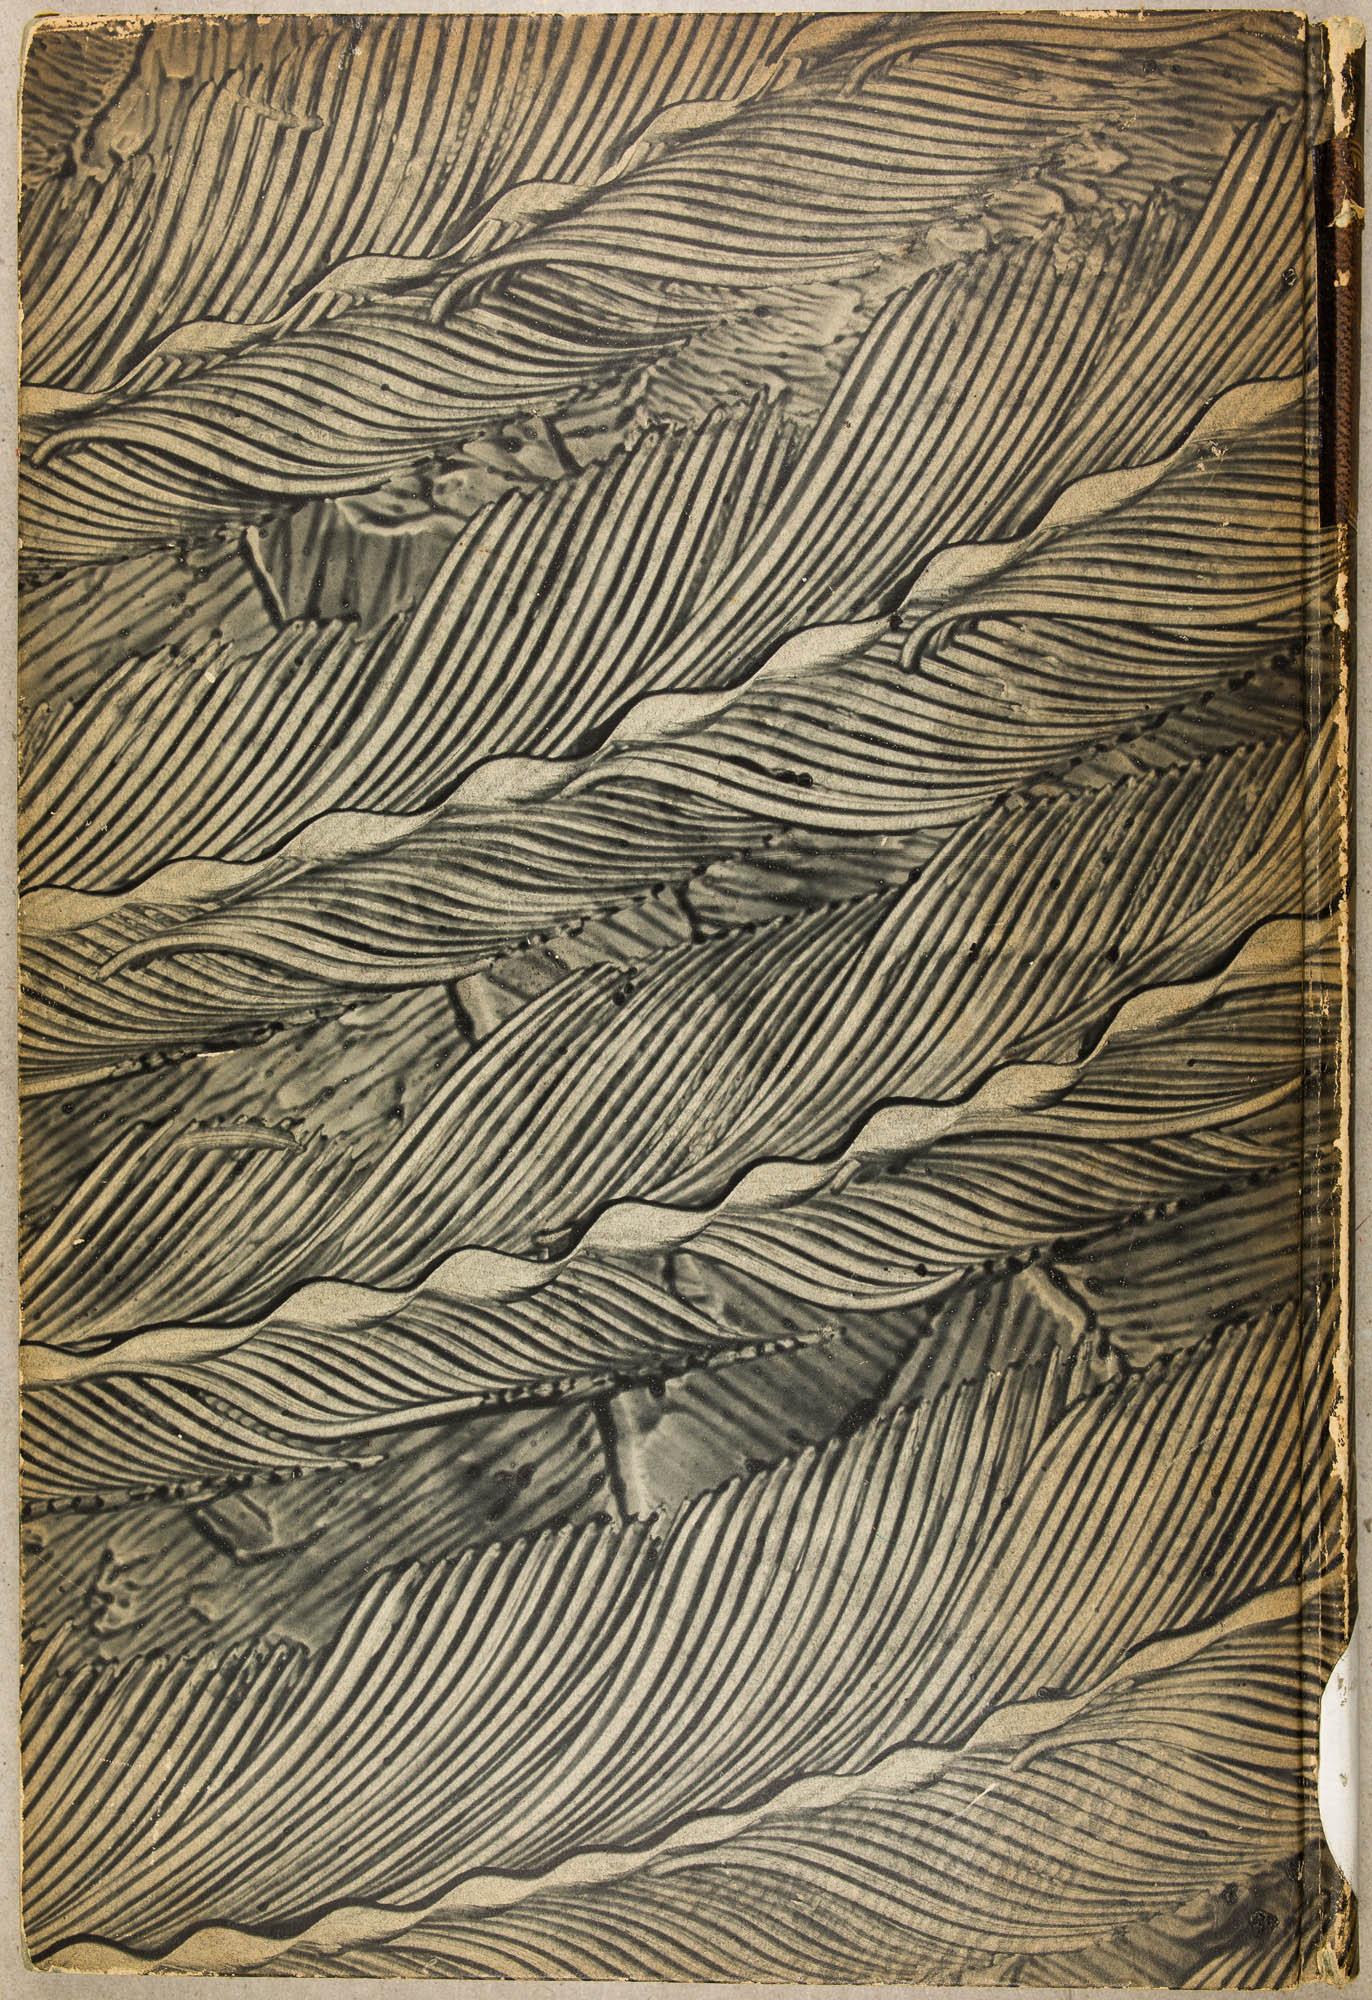 Décor à la colle avec pigments noirs, dessiné au peigne, effet plume, réalisé par René Wiener après 1895.